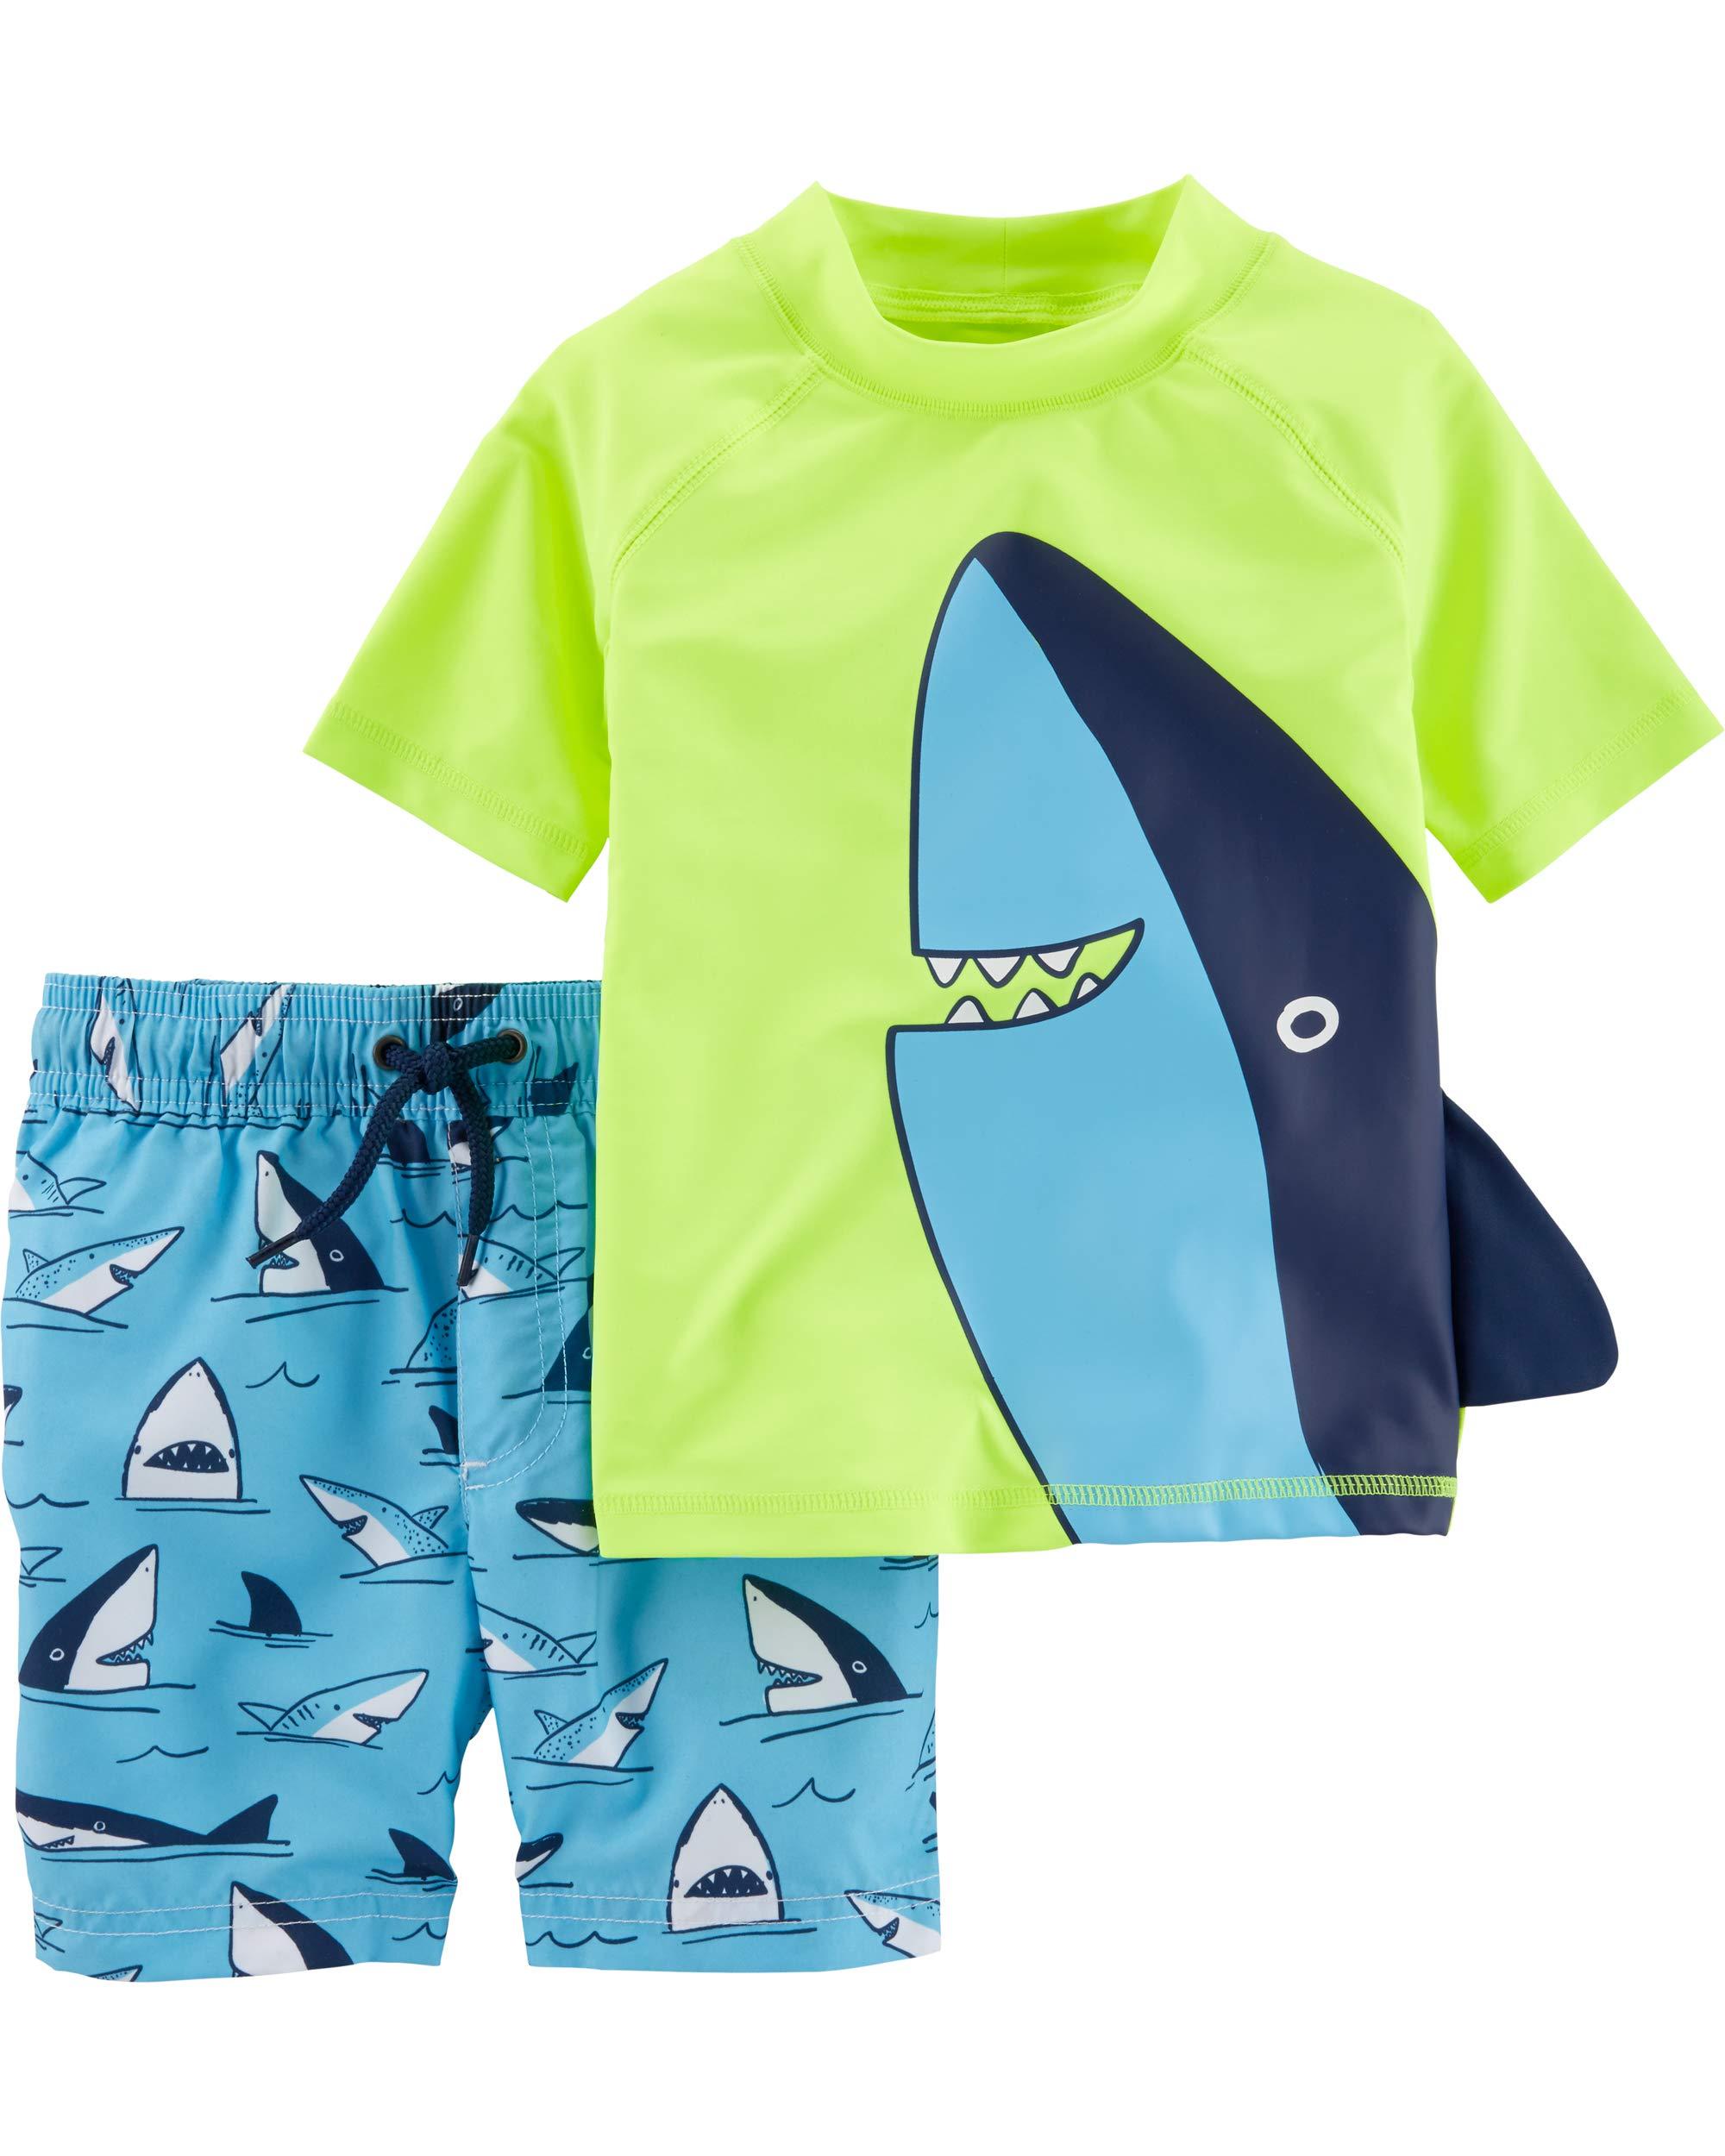 Carter's Baby Boys Rashguard Swim Set, Shark Fin, 9